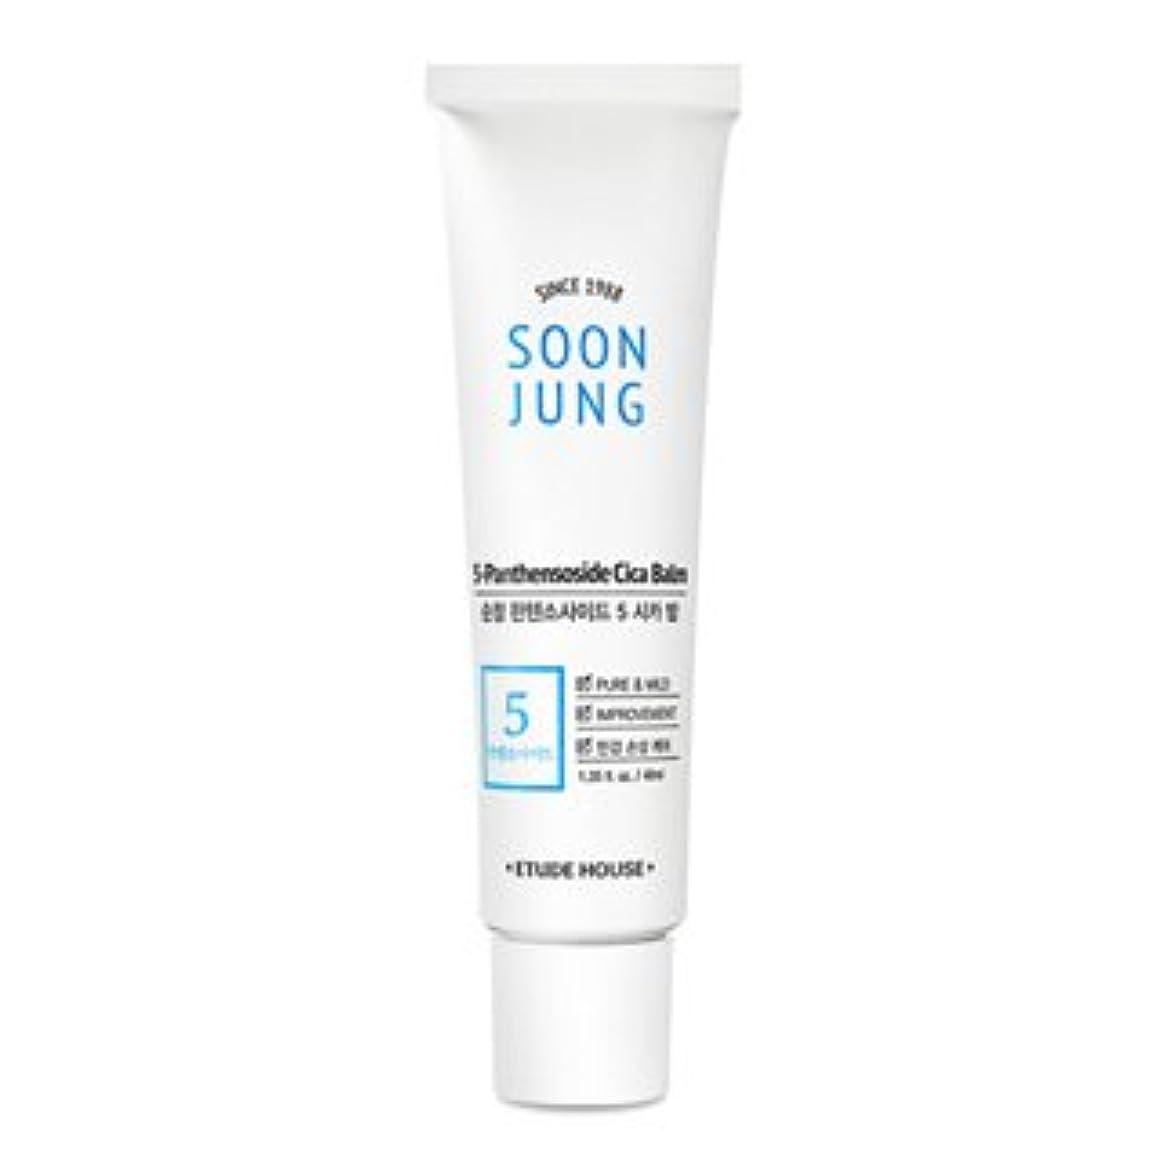 ストロー千悪質な[New] ETUDE HOUSE Soon Jung 5-Panthensoside Cica Balm/エチュードハウス スンジョン 5-パンテンソシド シカ バーム (40ml) [並行輸入品]